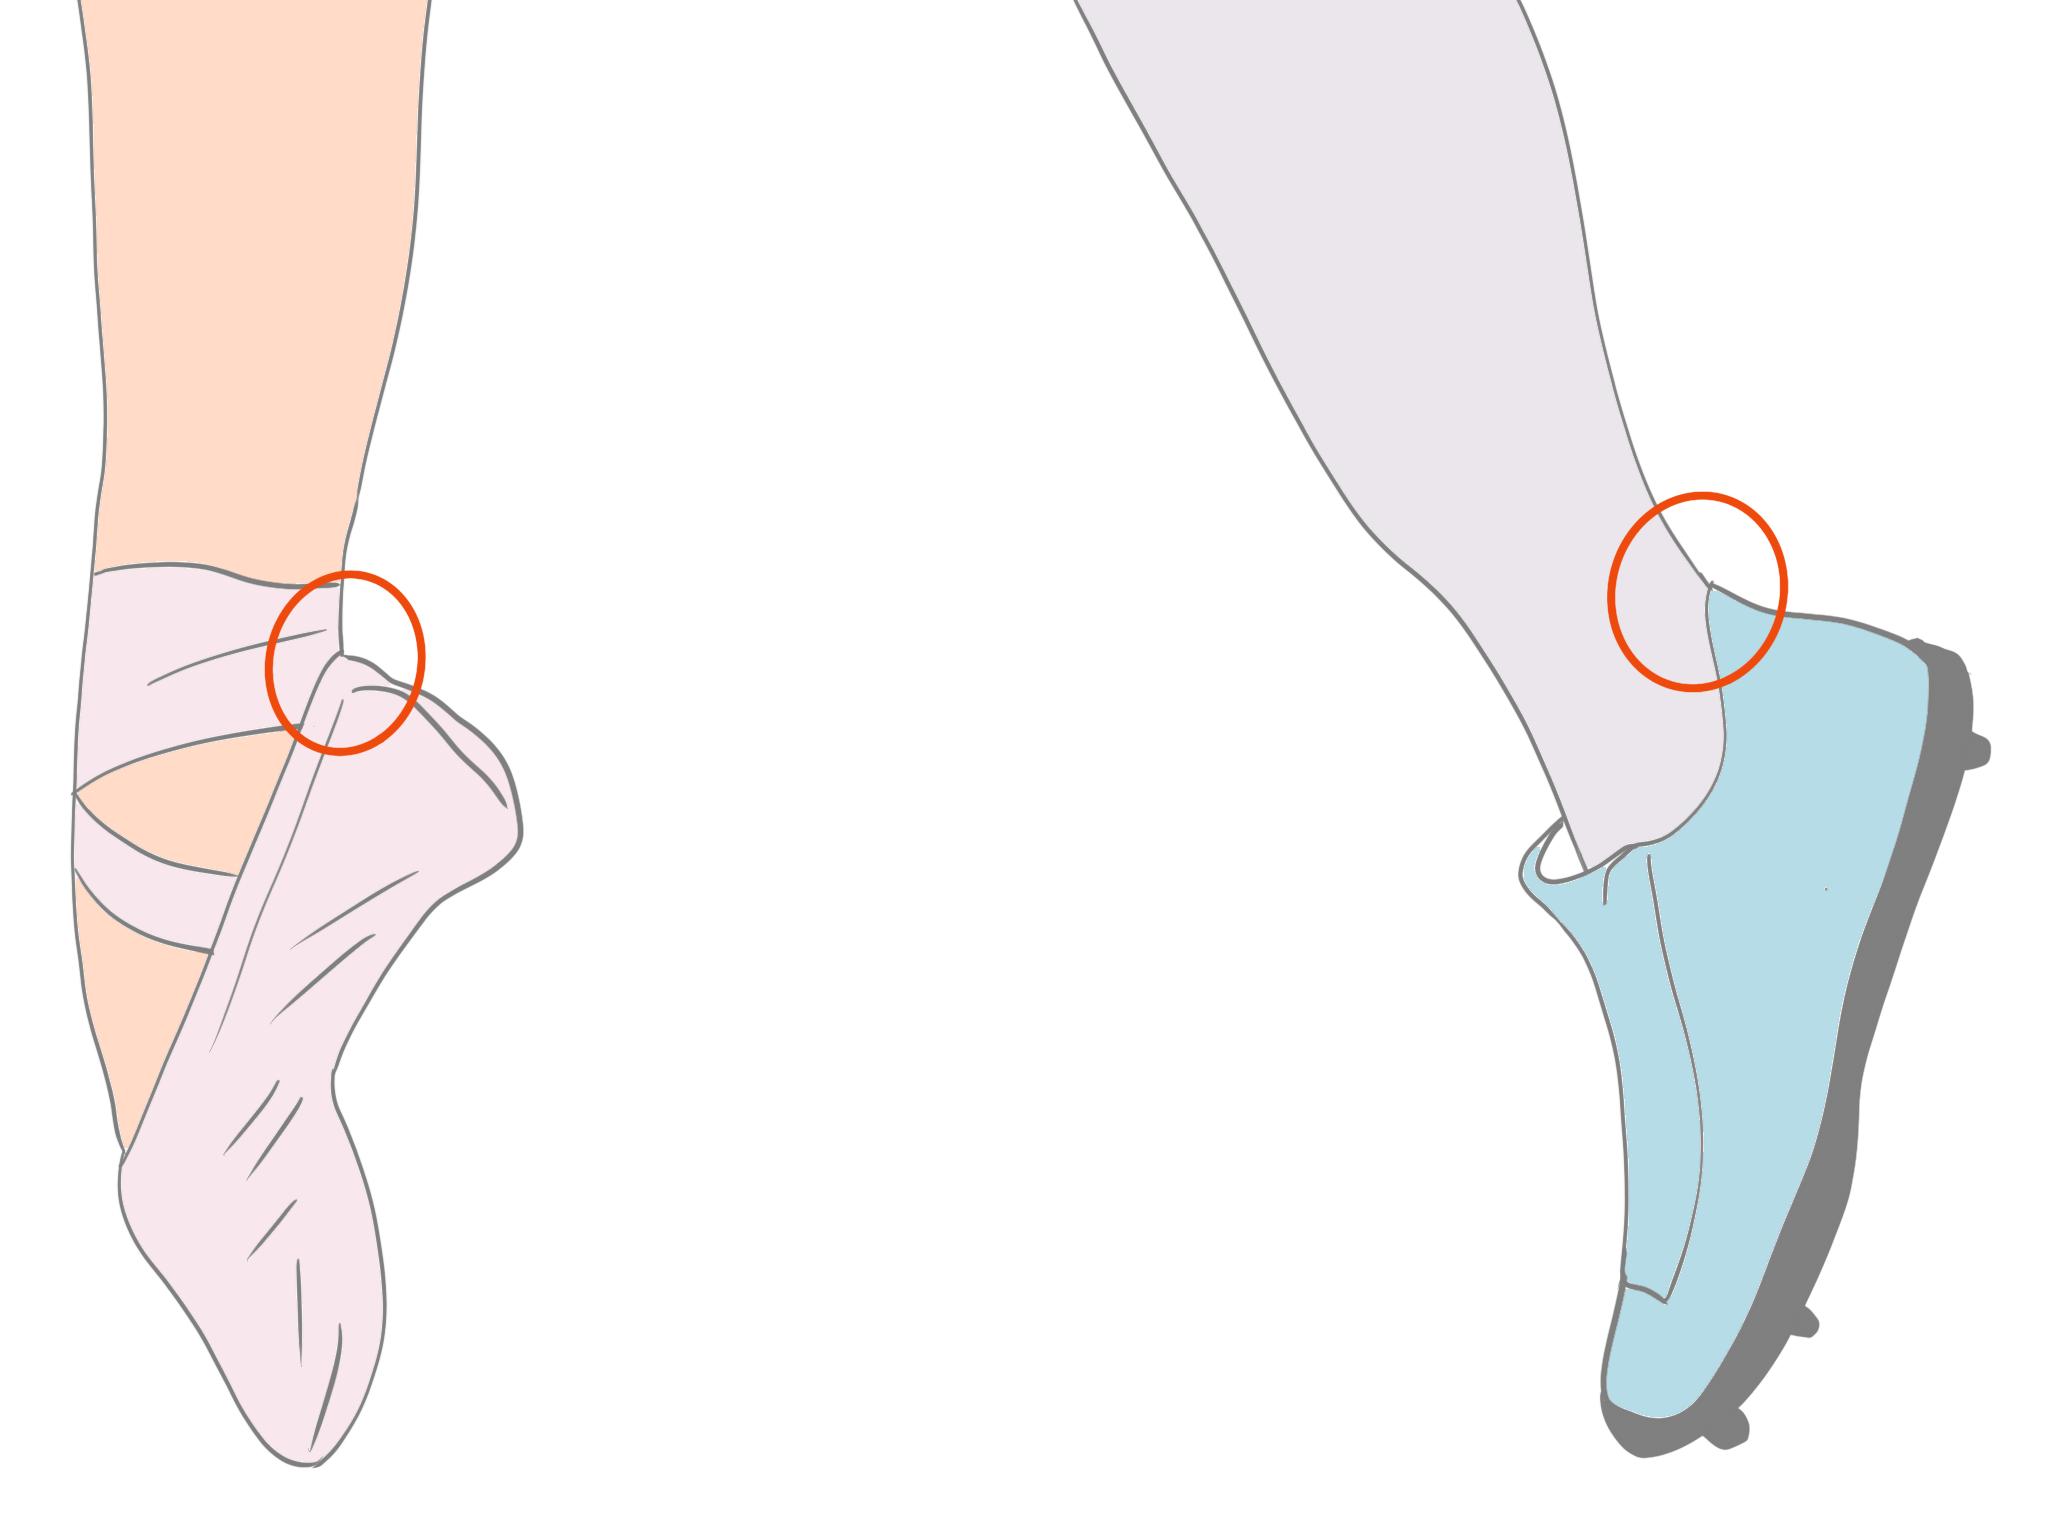 足関節後方インピンジメント症候群